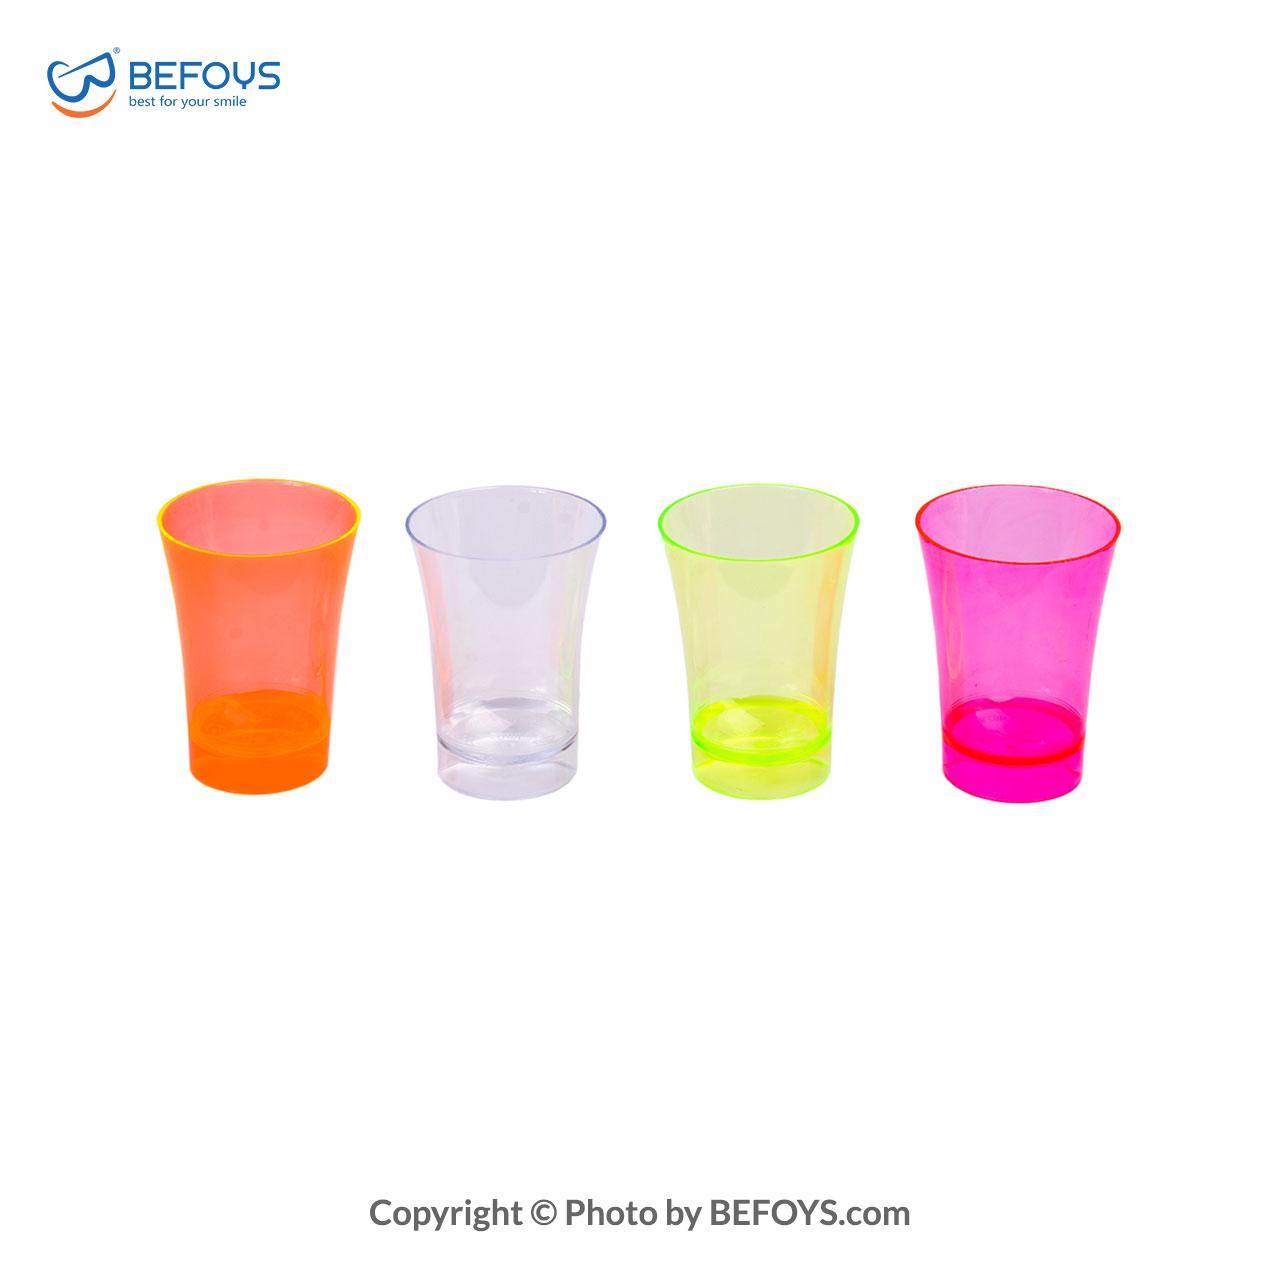 لیوان یکبار مصرف بسته ای نایس چهار رنگ کوشا 10 عددی